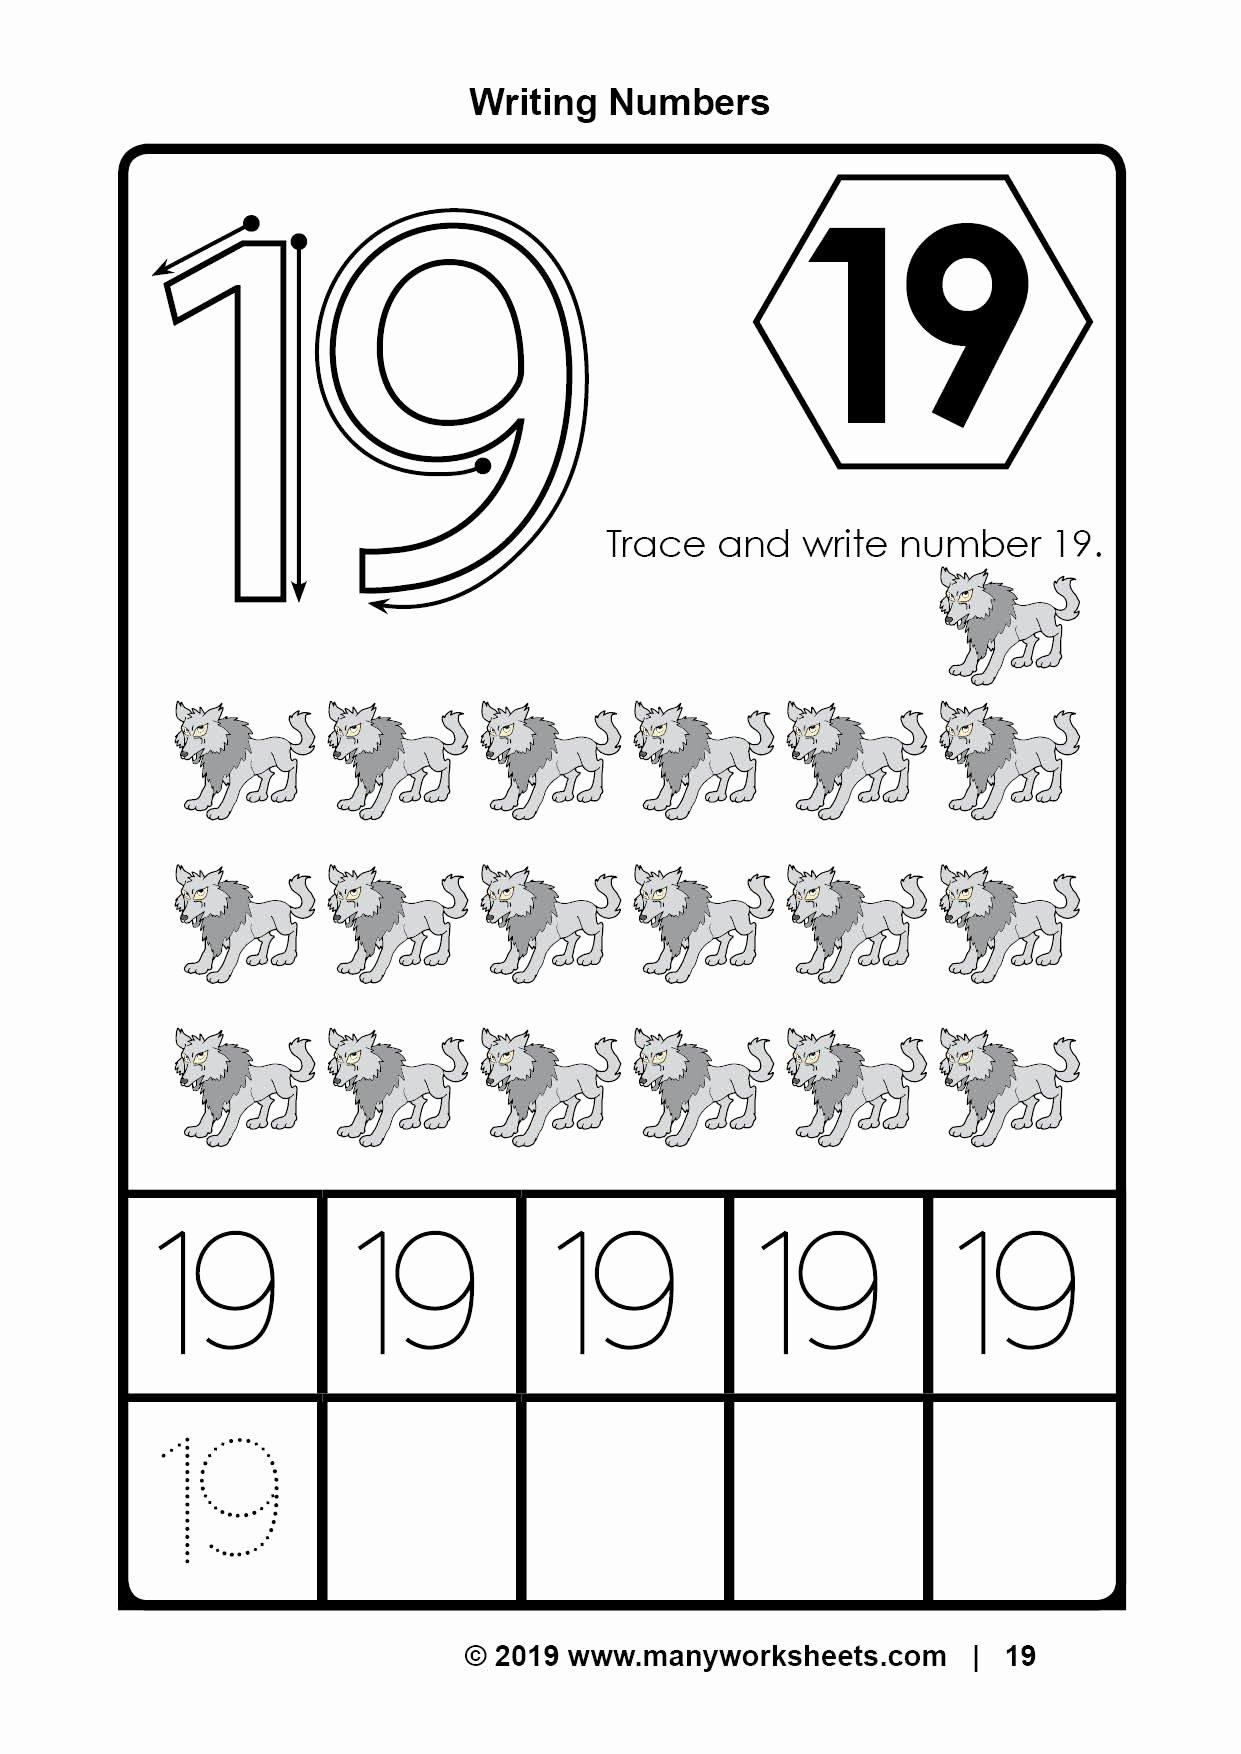 Number 19 Worksheets for Preschoolers Unique Number 19 Tracing Worksheet